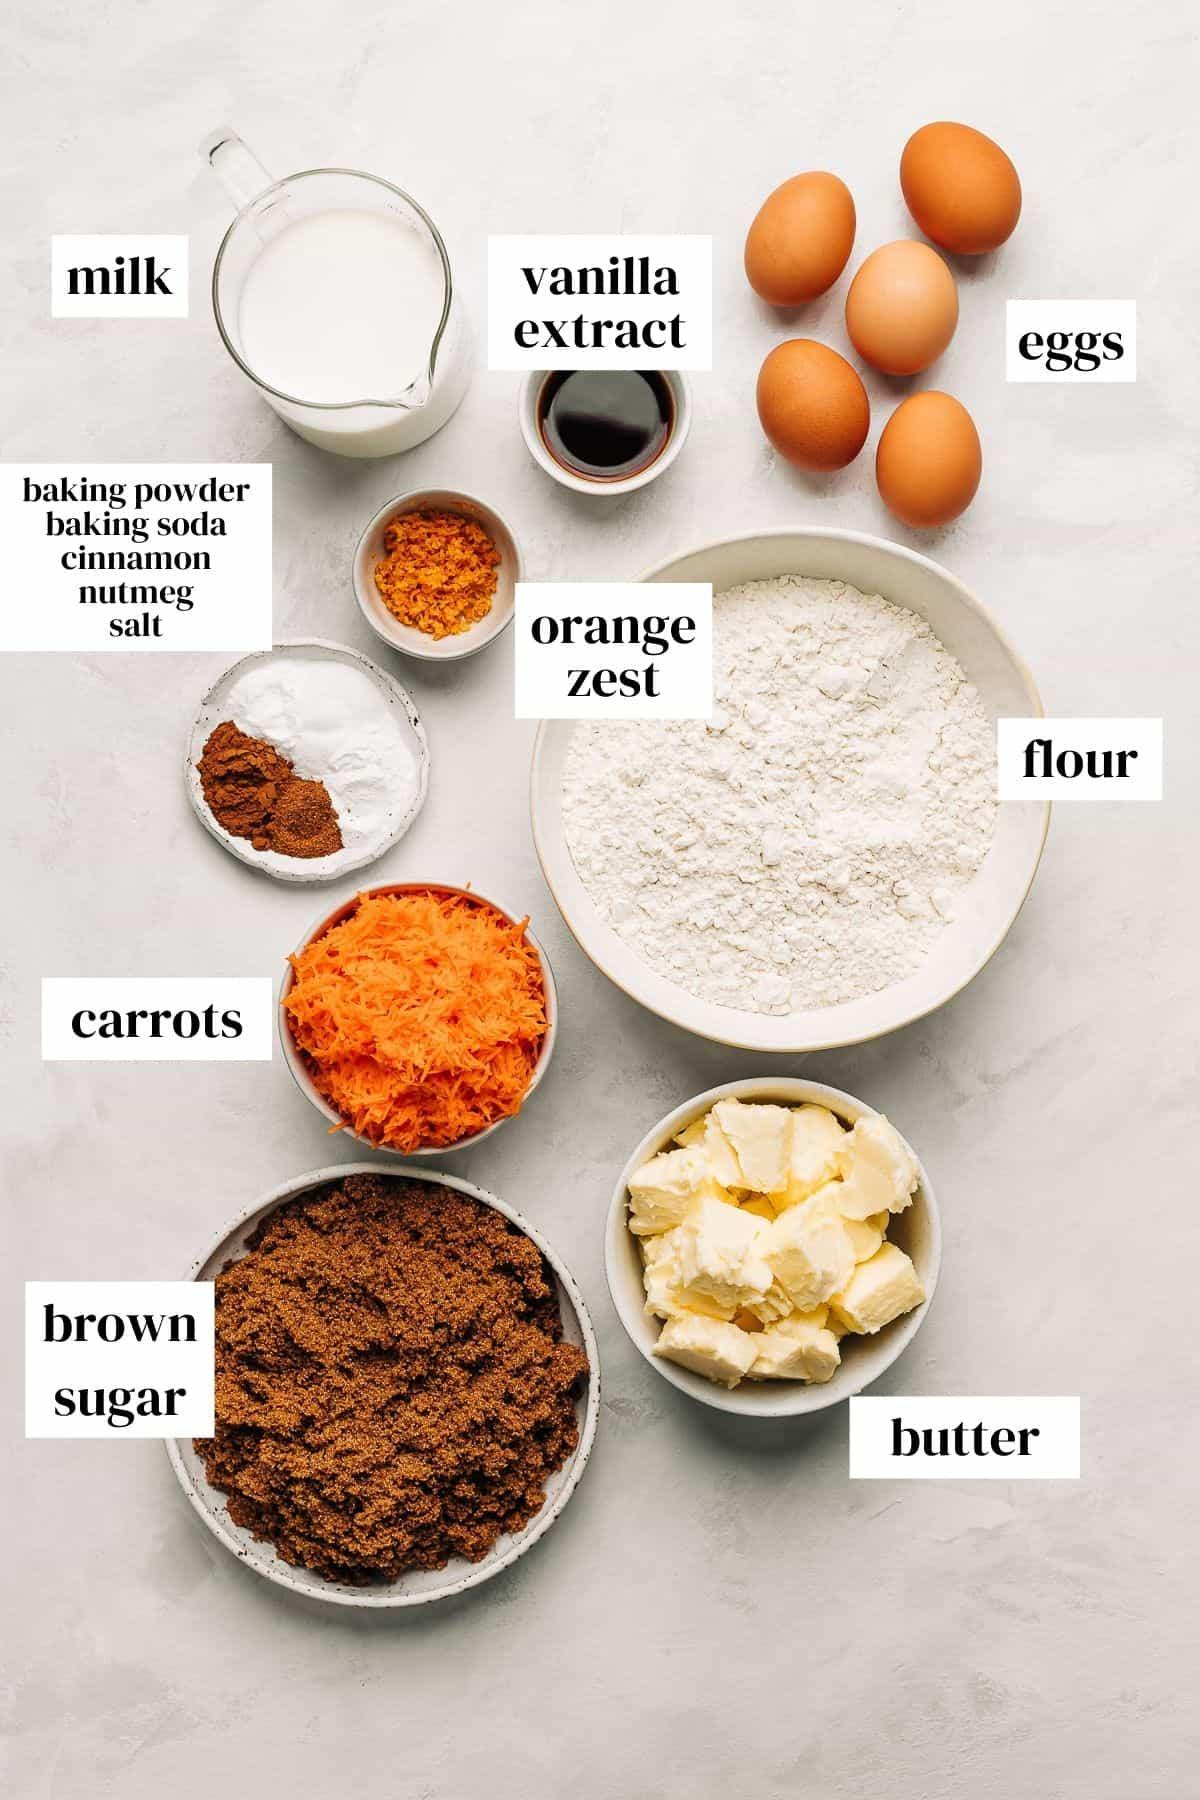 Carrot cake recipe ingredients.